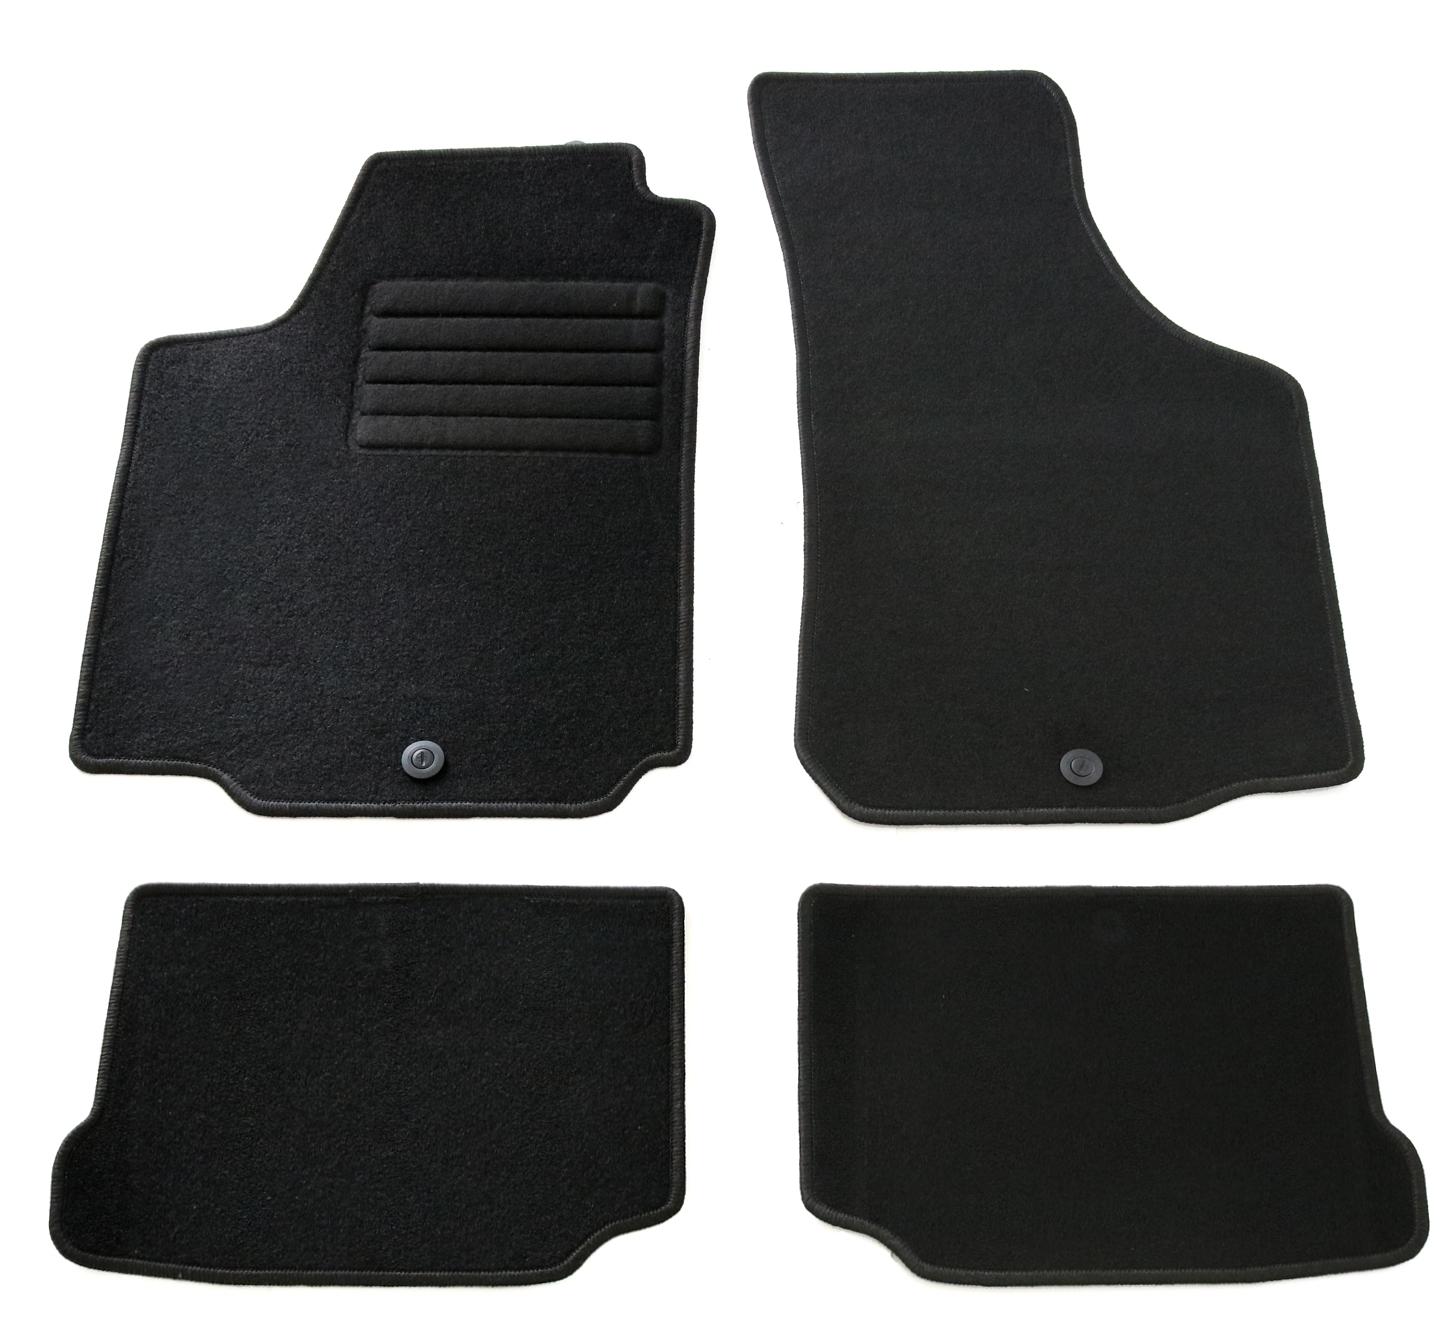 Fußmatten grau Seat Alhambra Typ 2 ab 2010 Automatten Autoteppiche